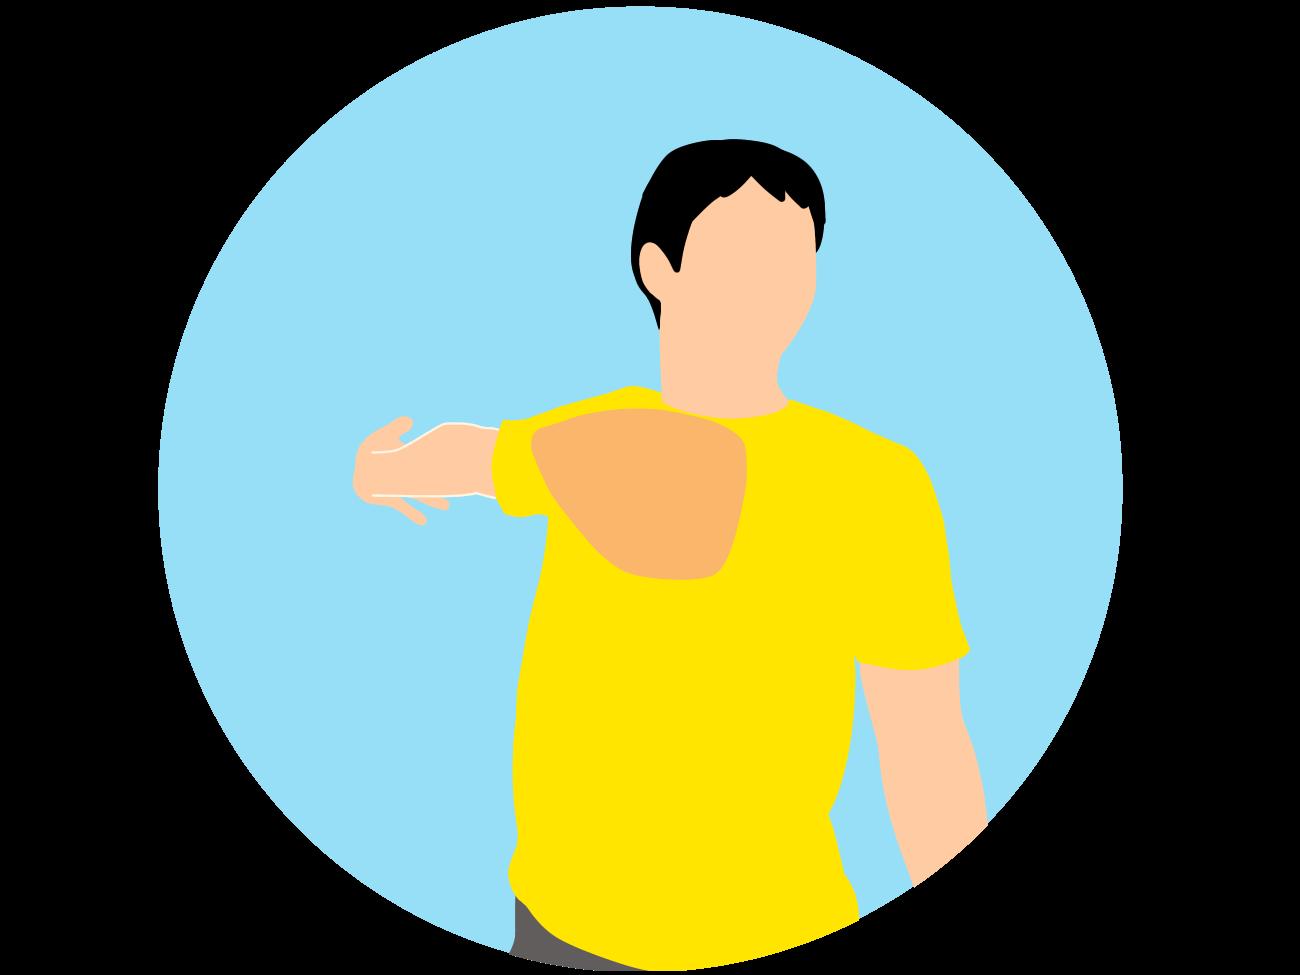 胸(大胸筋)のストレッチの方法一覧